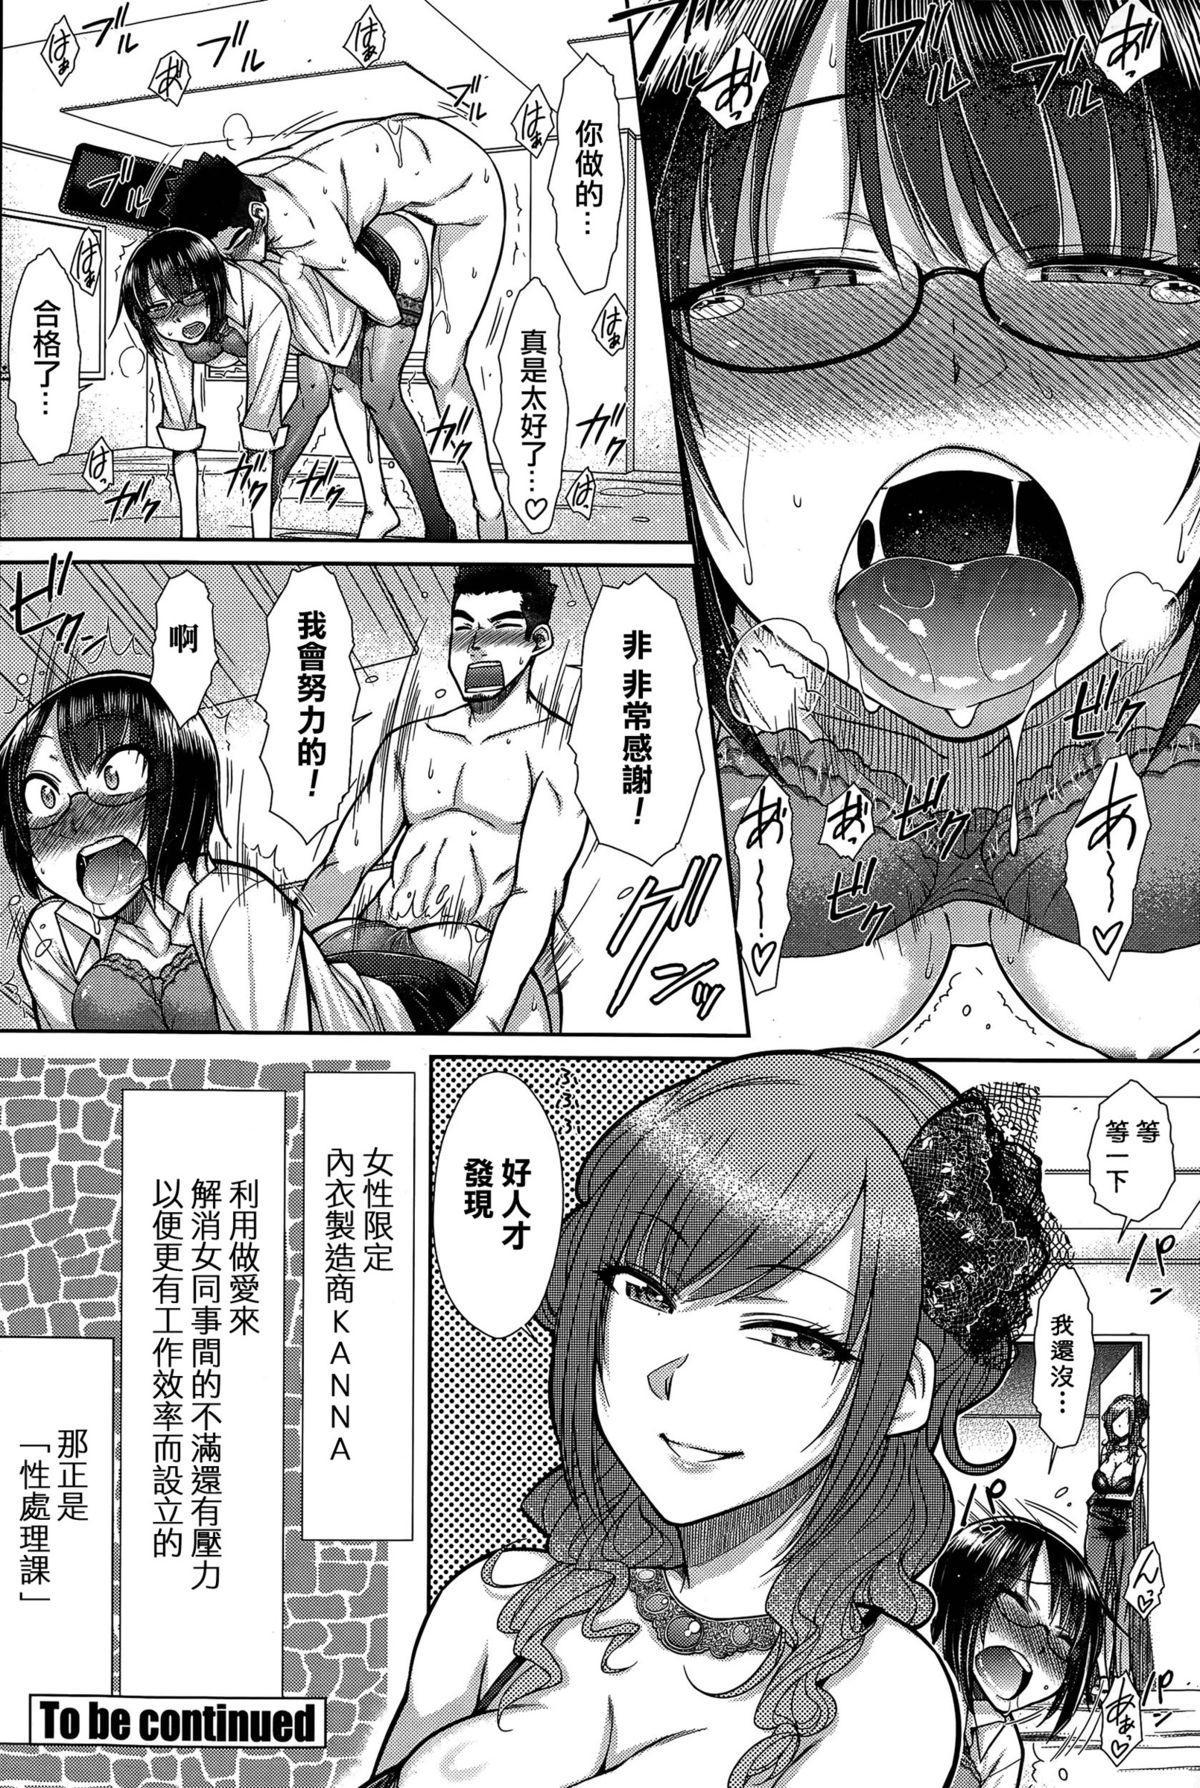 Zetsurin Danshi no Harem Seikatsu Ch. 1-4 19